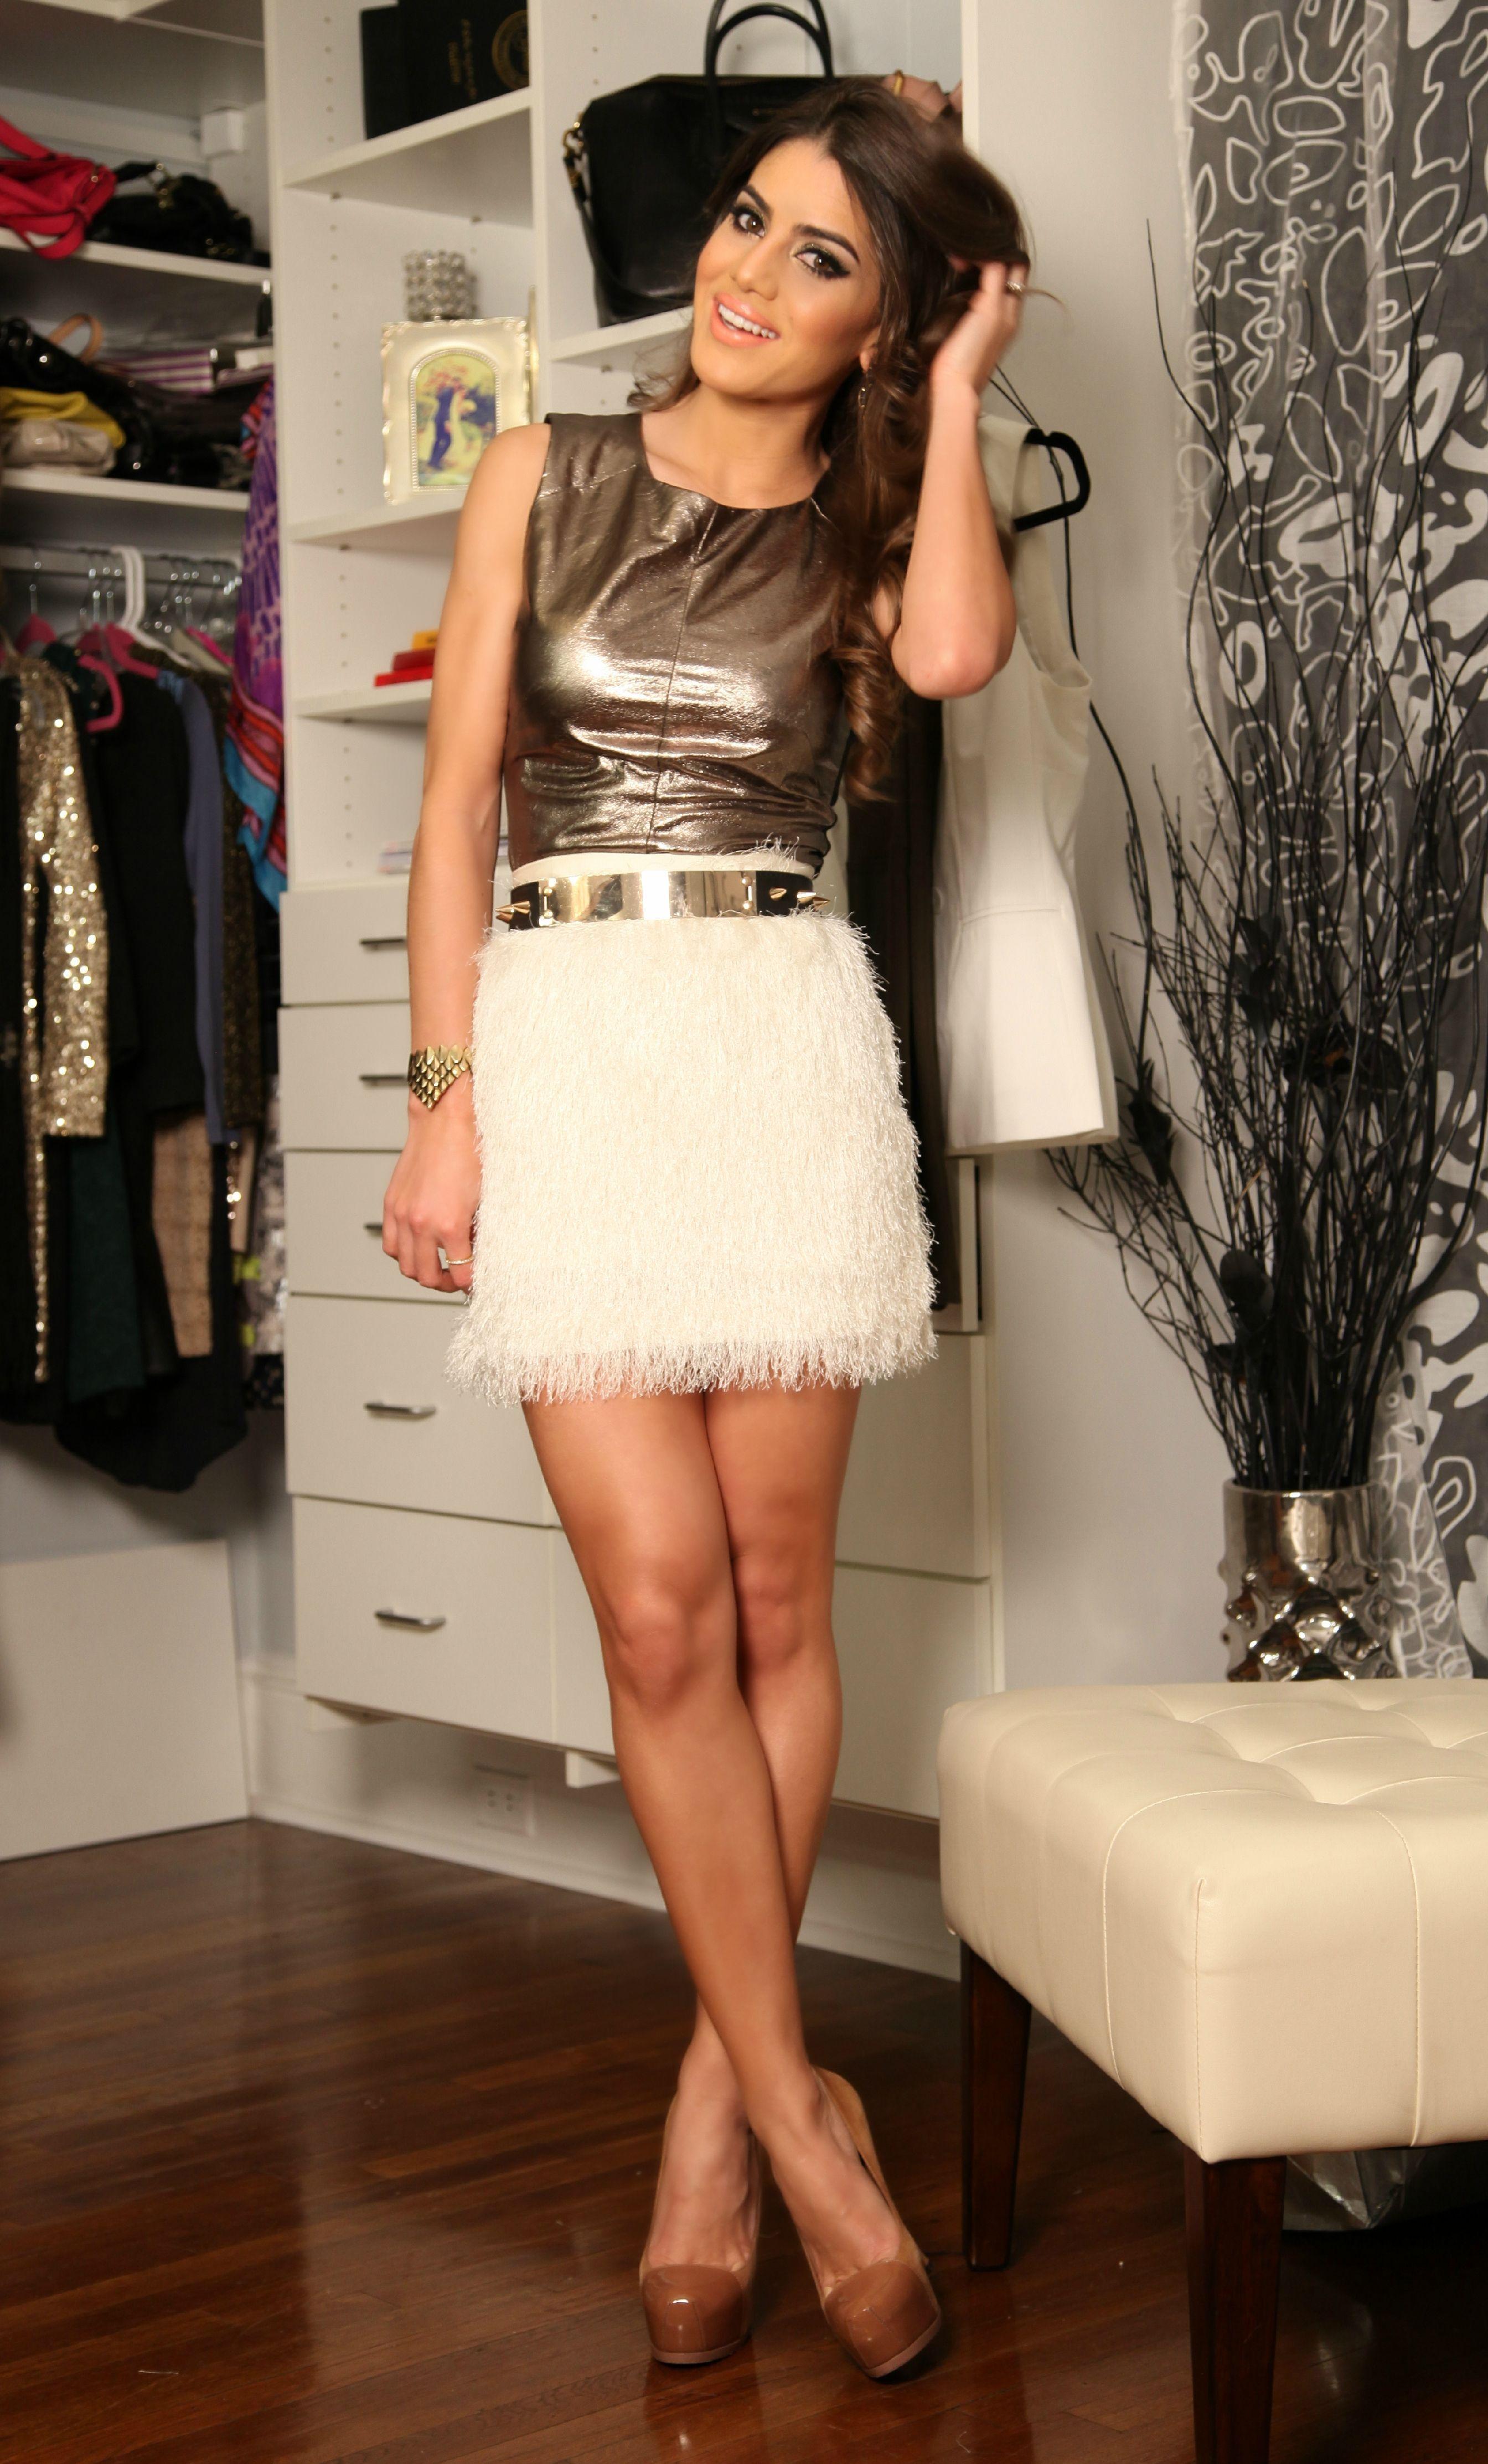 """Foto: Reprodução / <a href=""""http://camilacoelho.com/2013/01/03/look-do-dia-reveillon/"""" target=""""_blank"""">Camila Coelho</a>"""